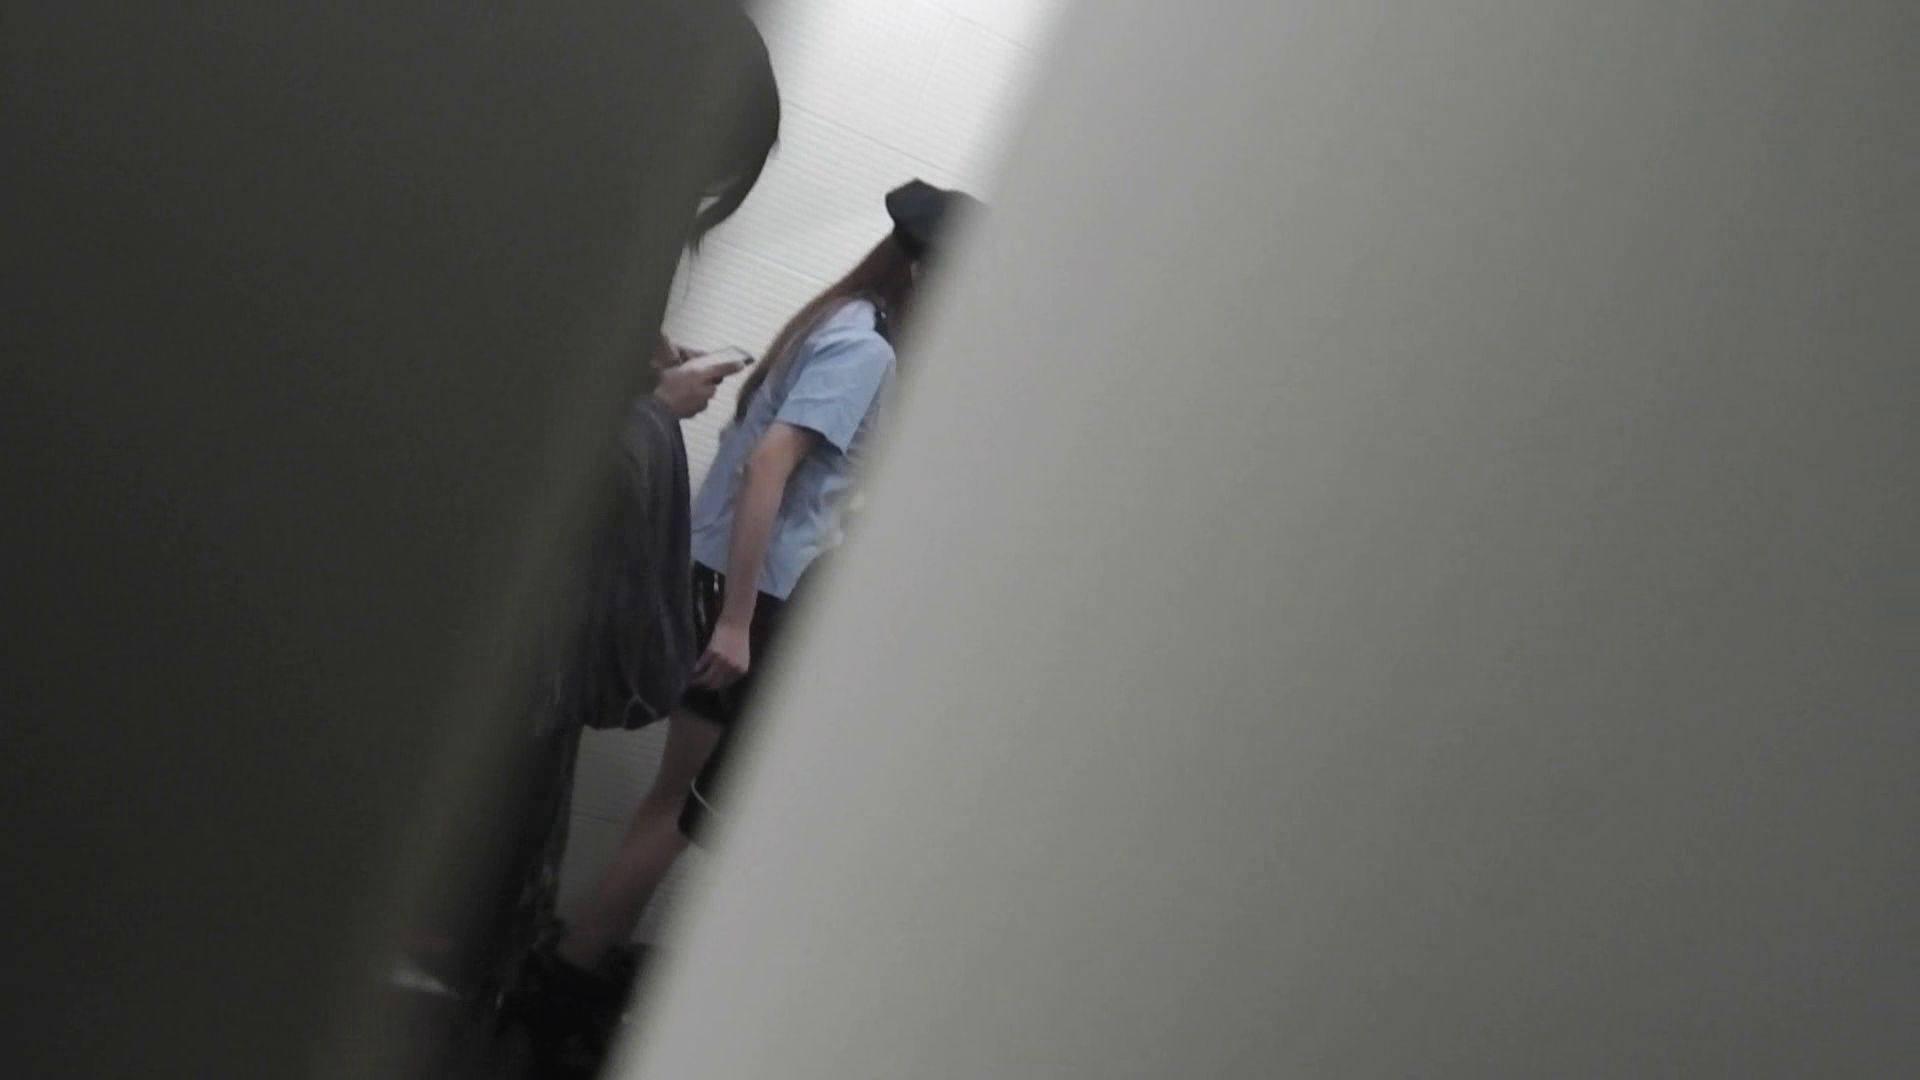 【日本成人用品展览会。超模如云】vol.01 着替|空爆 潜入突撃  103pic 60